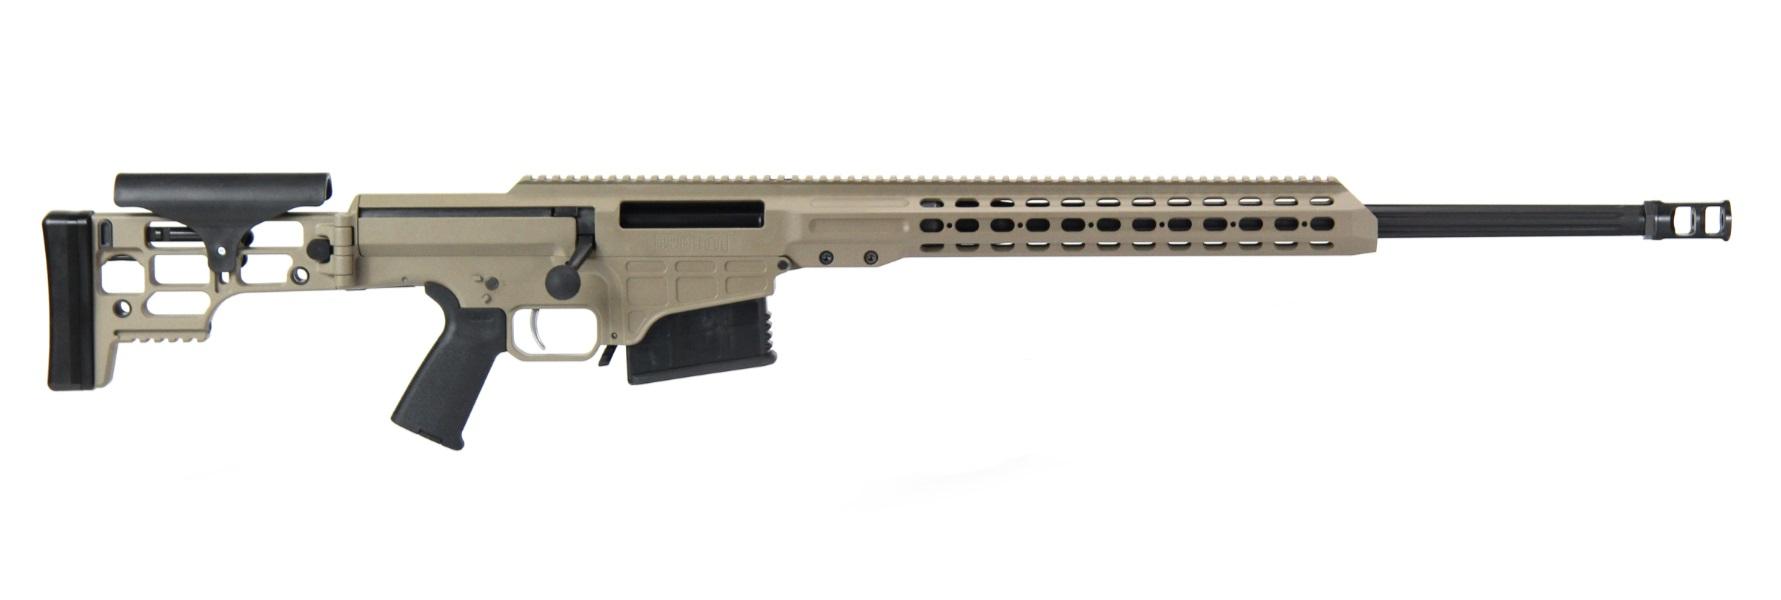 Barrett Firearms MRAD 338 Lapua